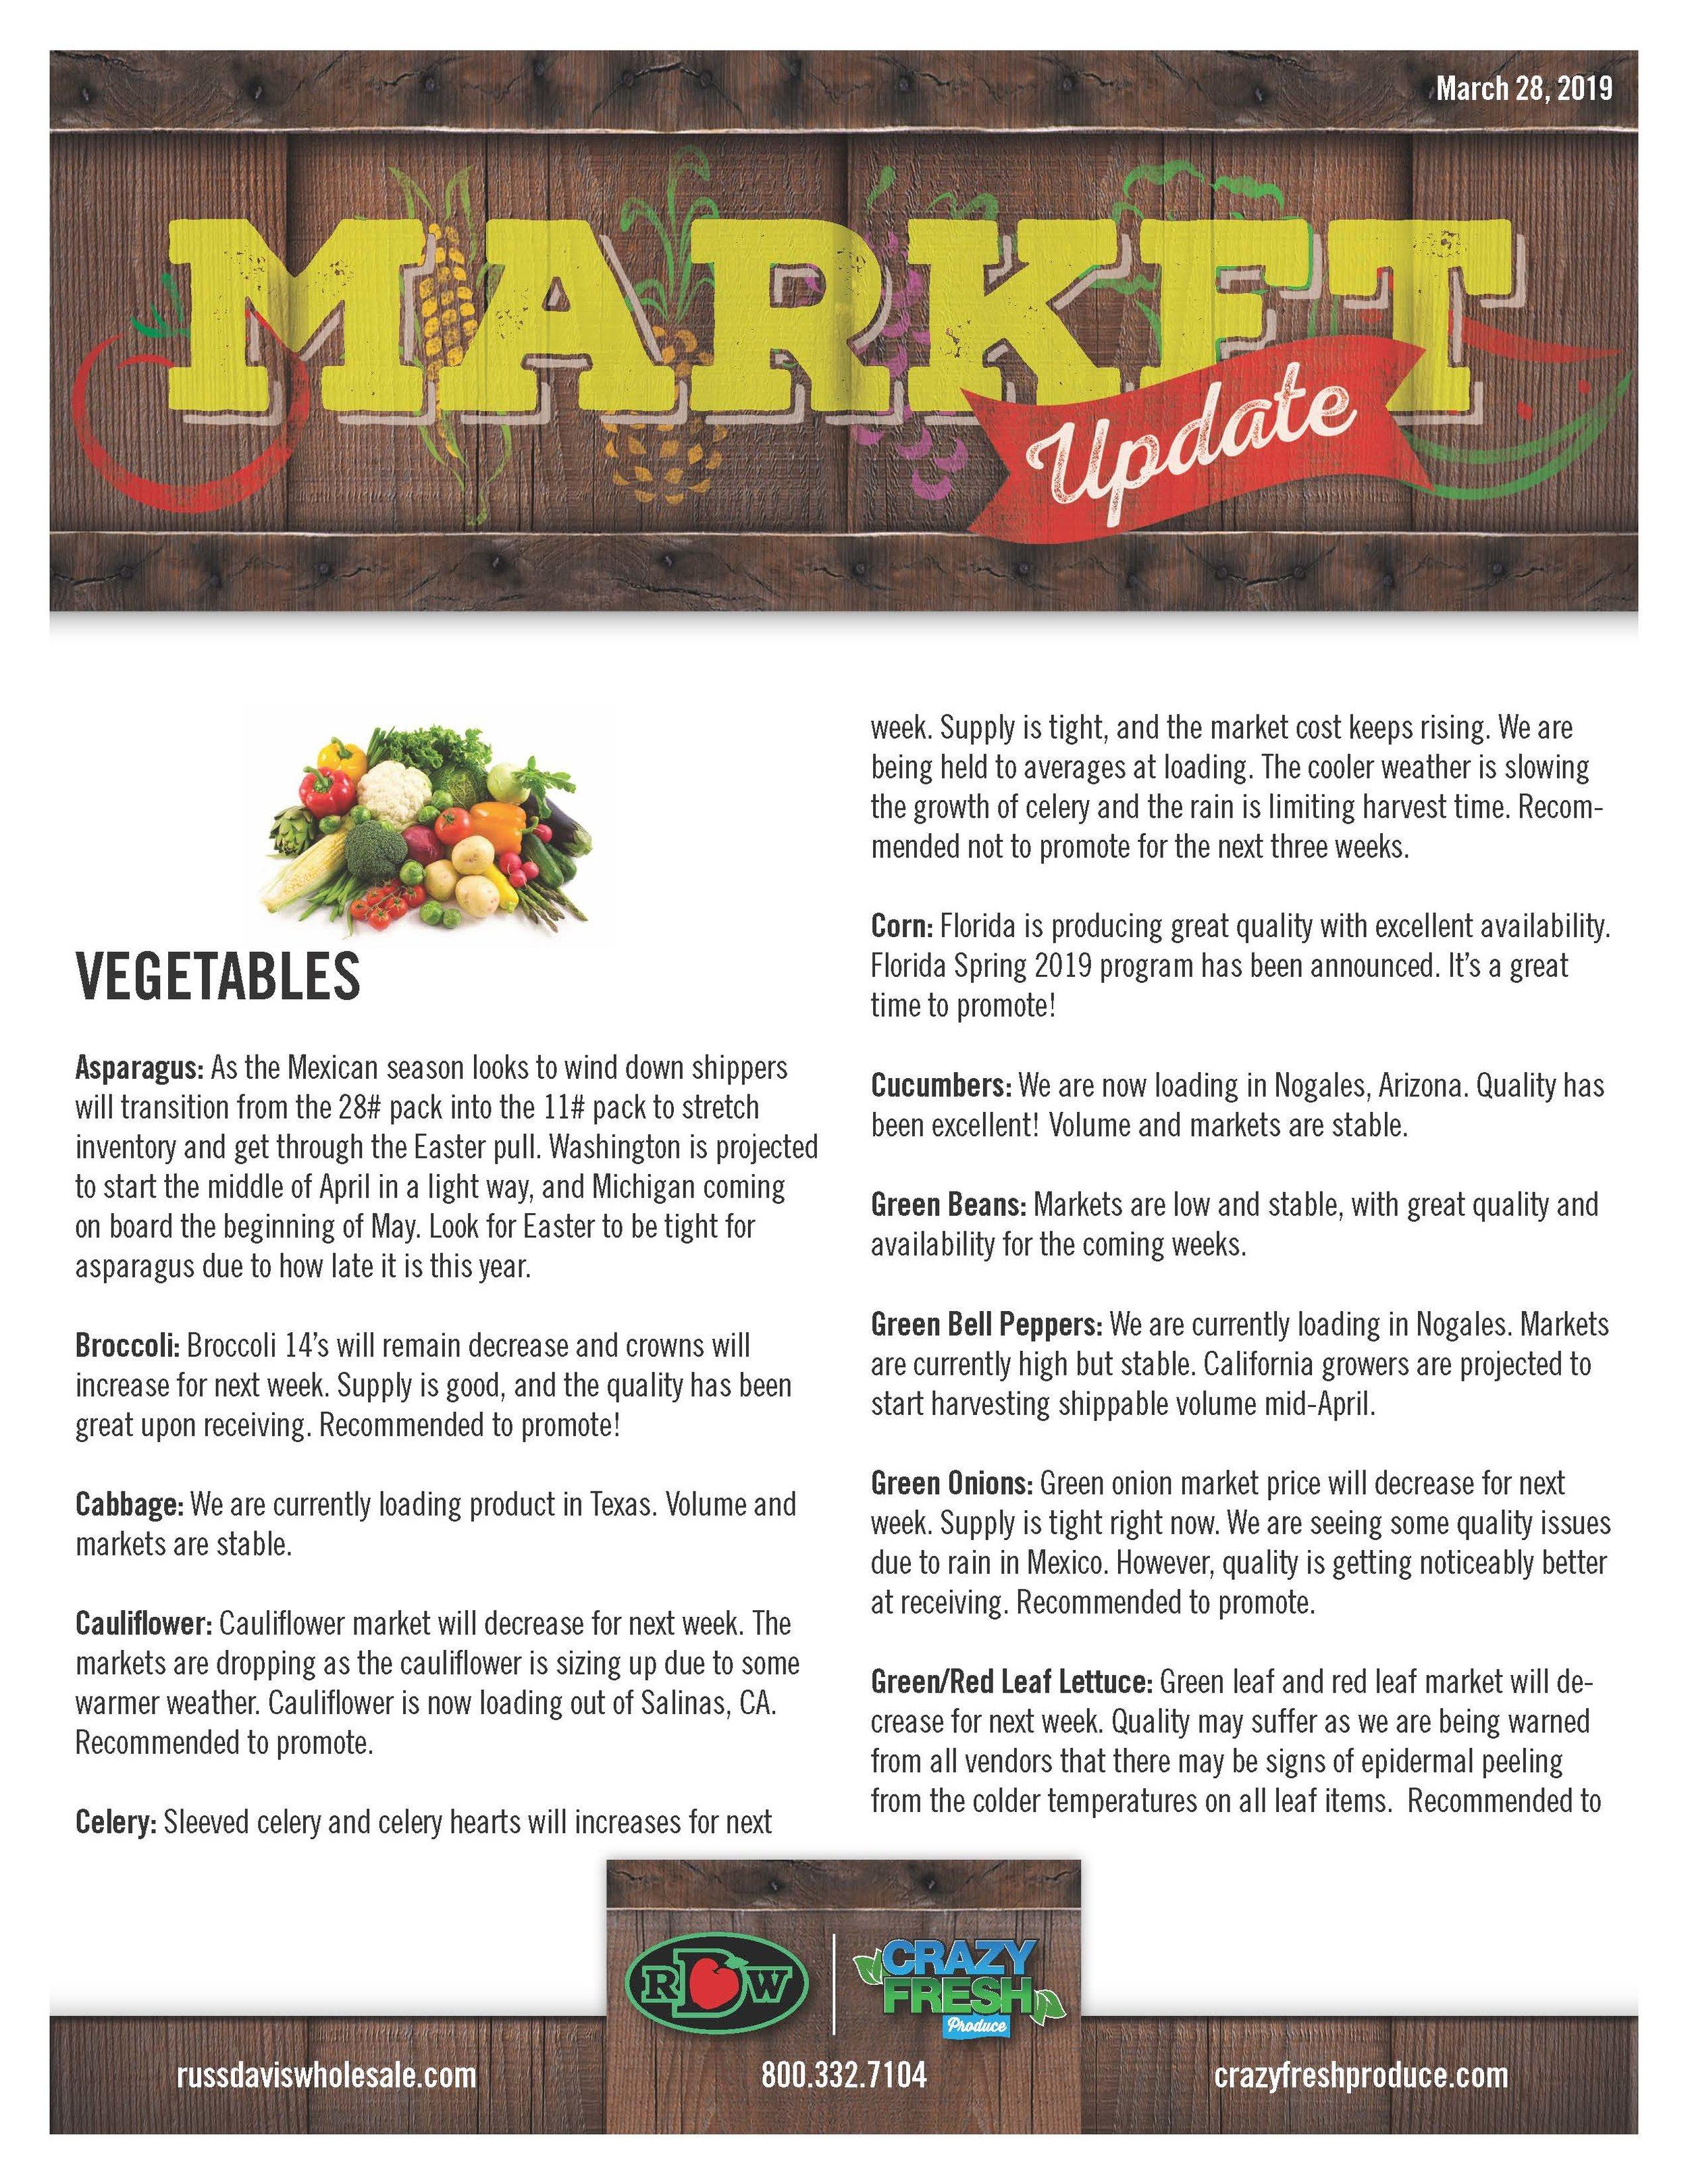 RDW_Market_Update_Mar28_19_Page_1.jpg